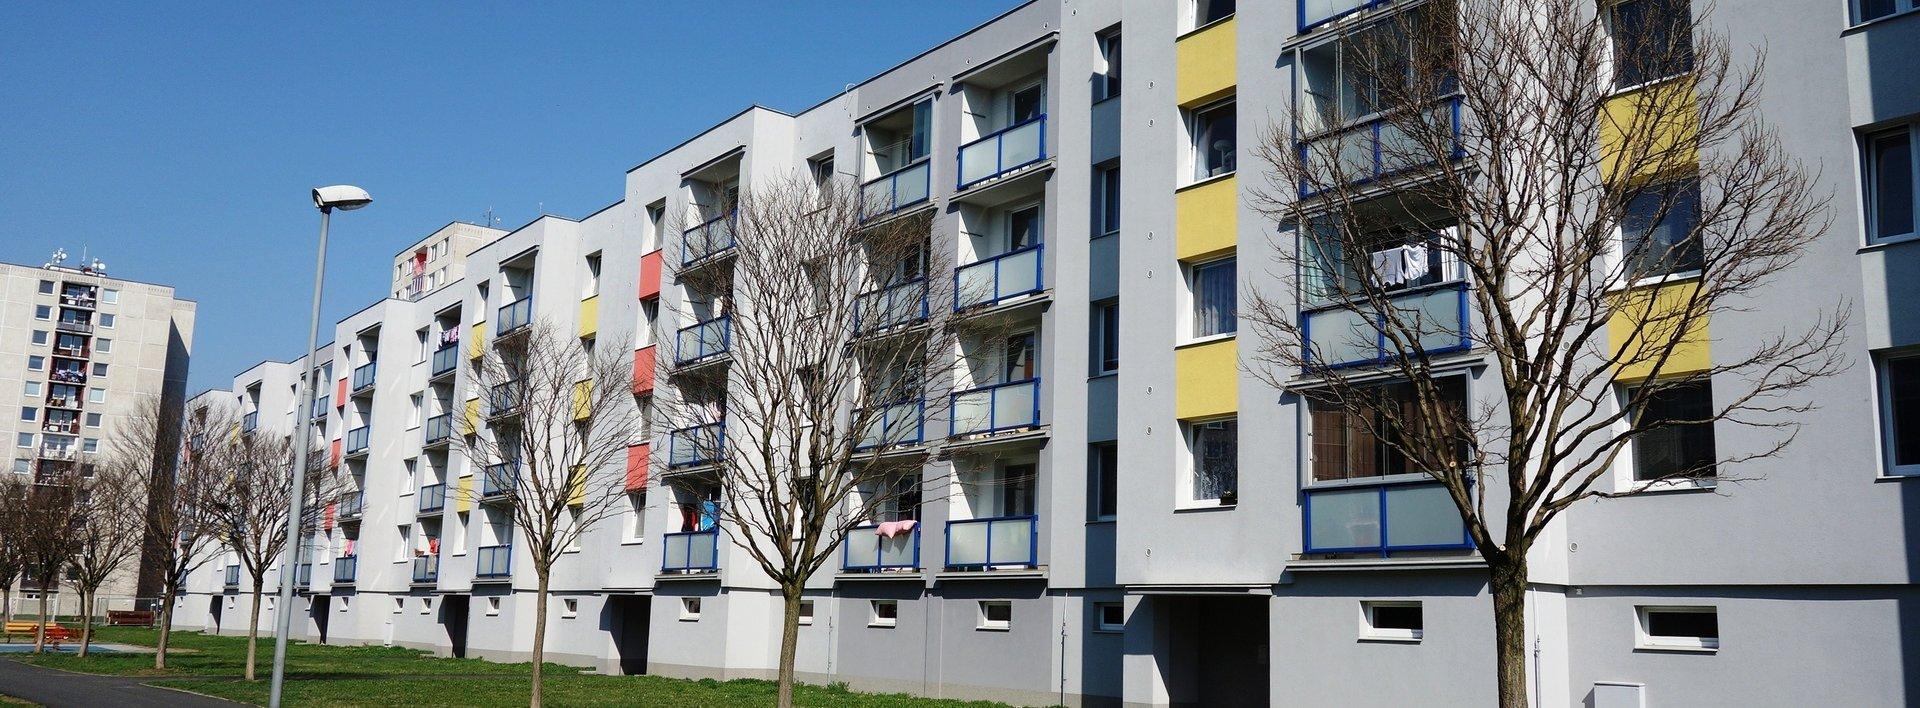 Krásný byt 1+1 s lodžíí, 46 m² - Pardubice - Cihelna - Pardubice II, Ev.č.: N48048